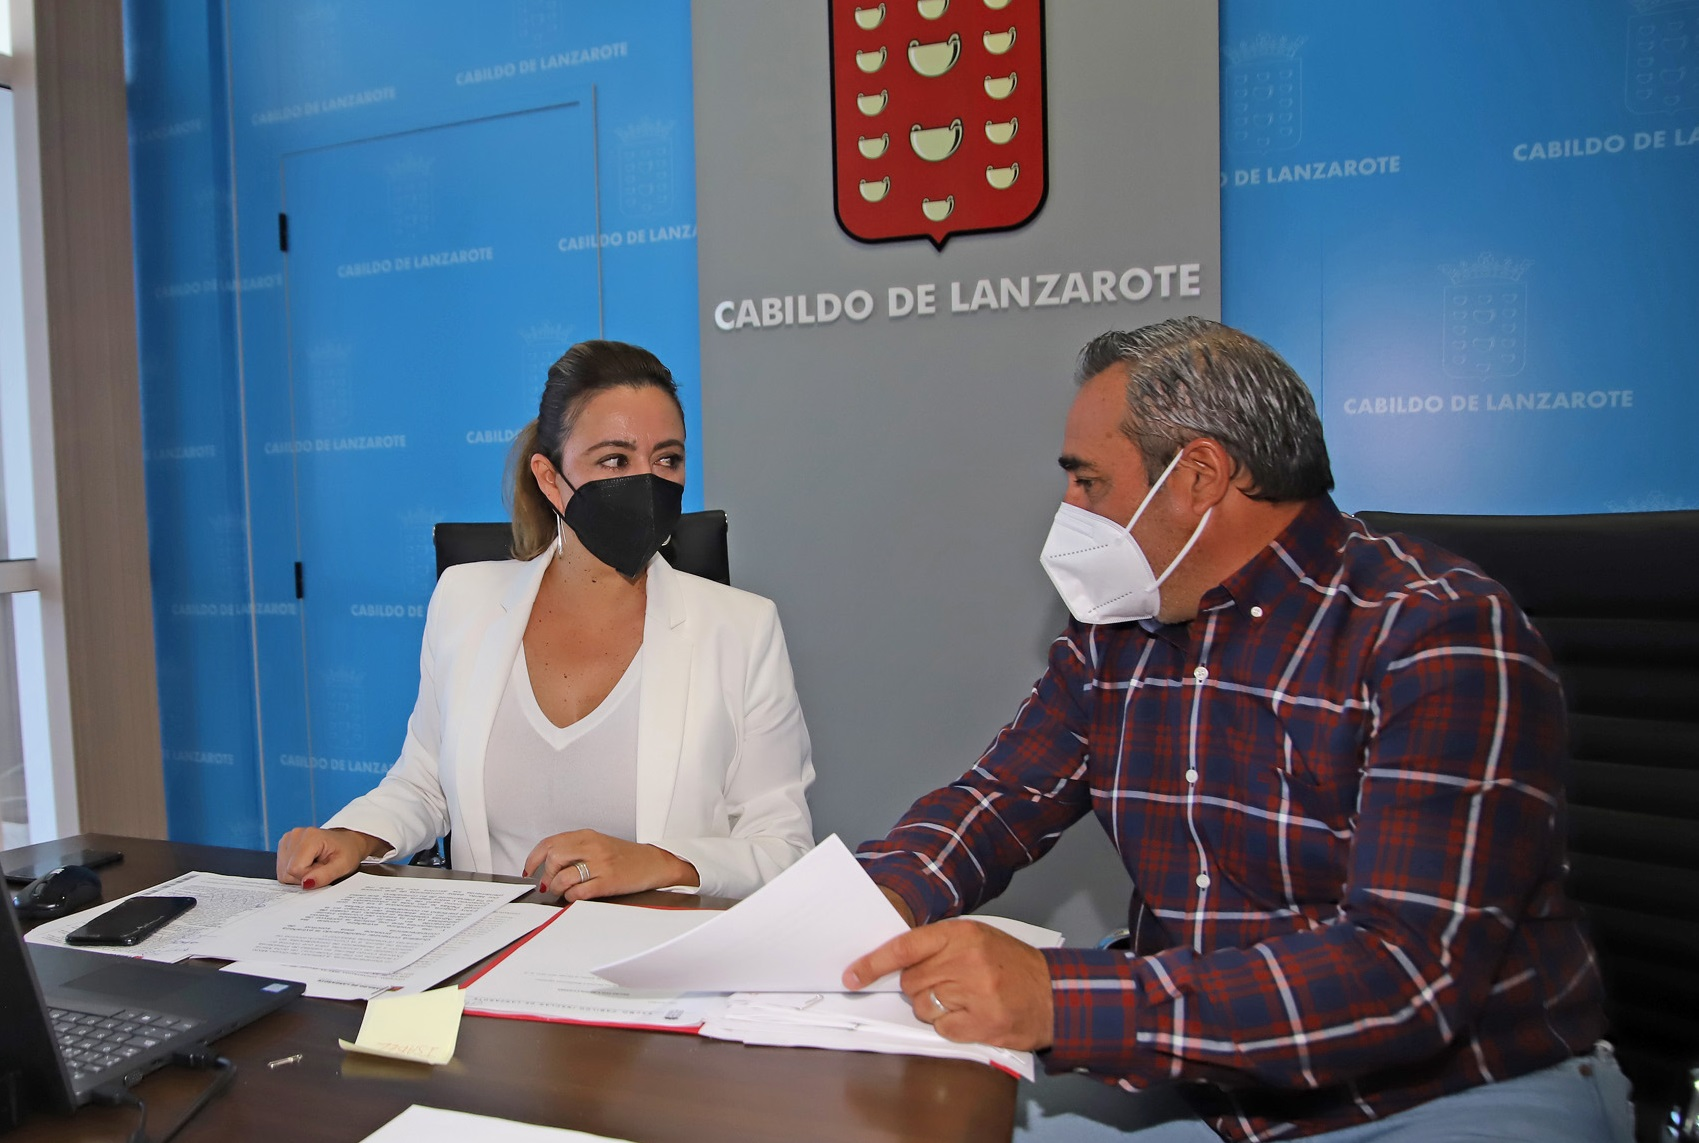 María Dolores Corujo y Ángel Vázquez / CanariasNoticias.es